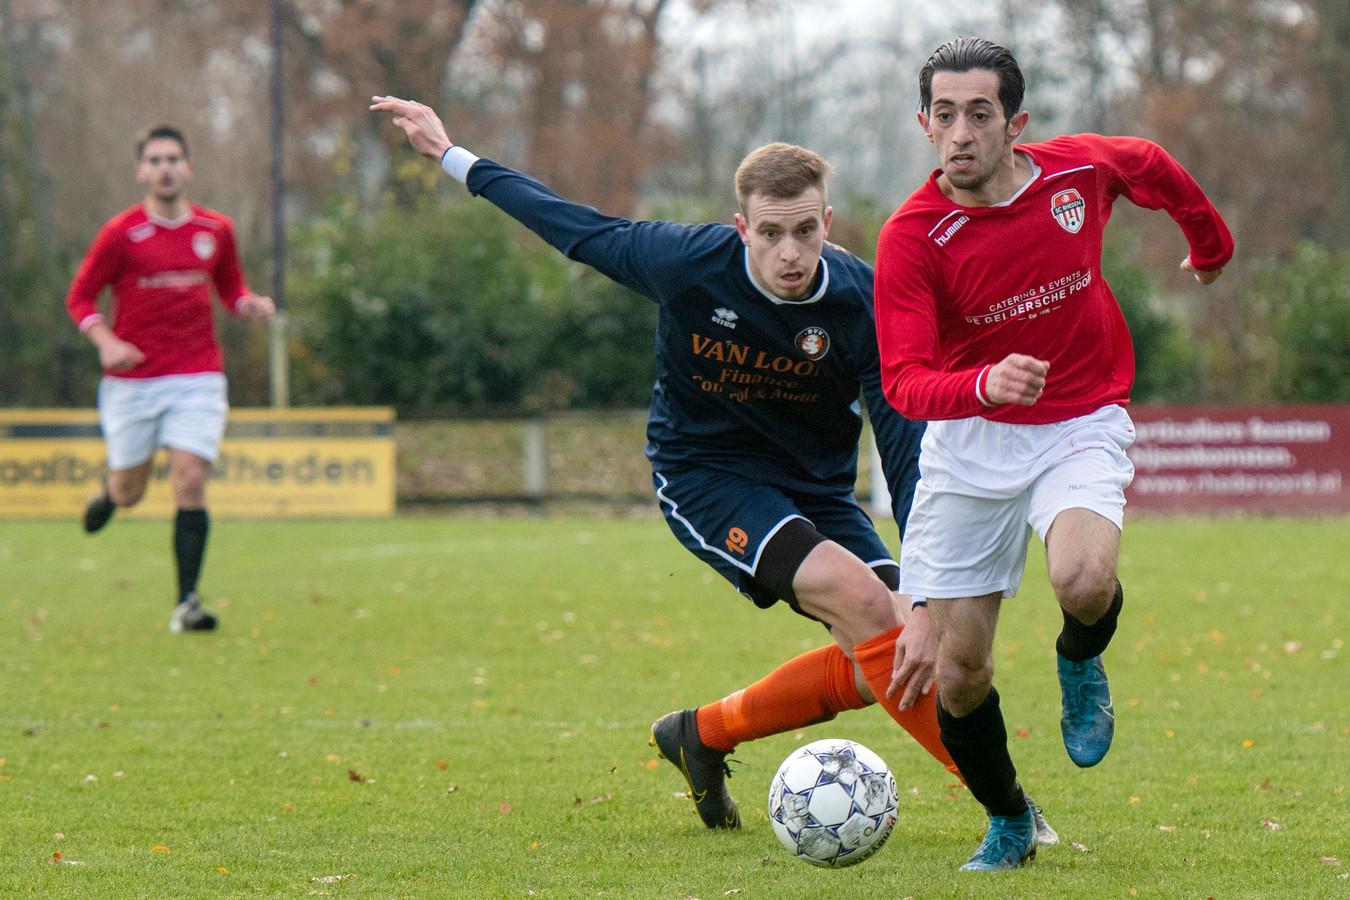 Beeld uit de wedstrijd SC Rheden - DVV.